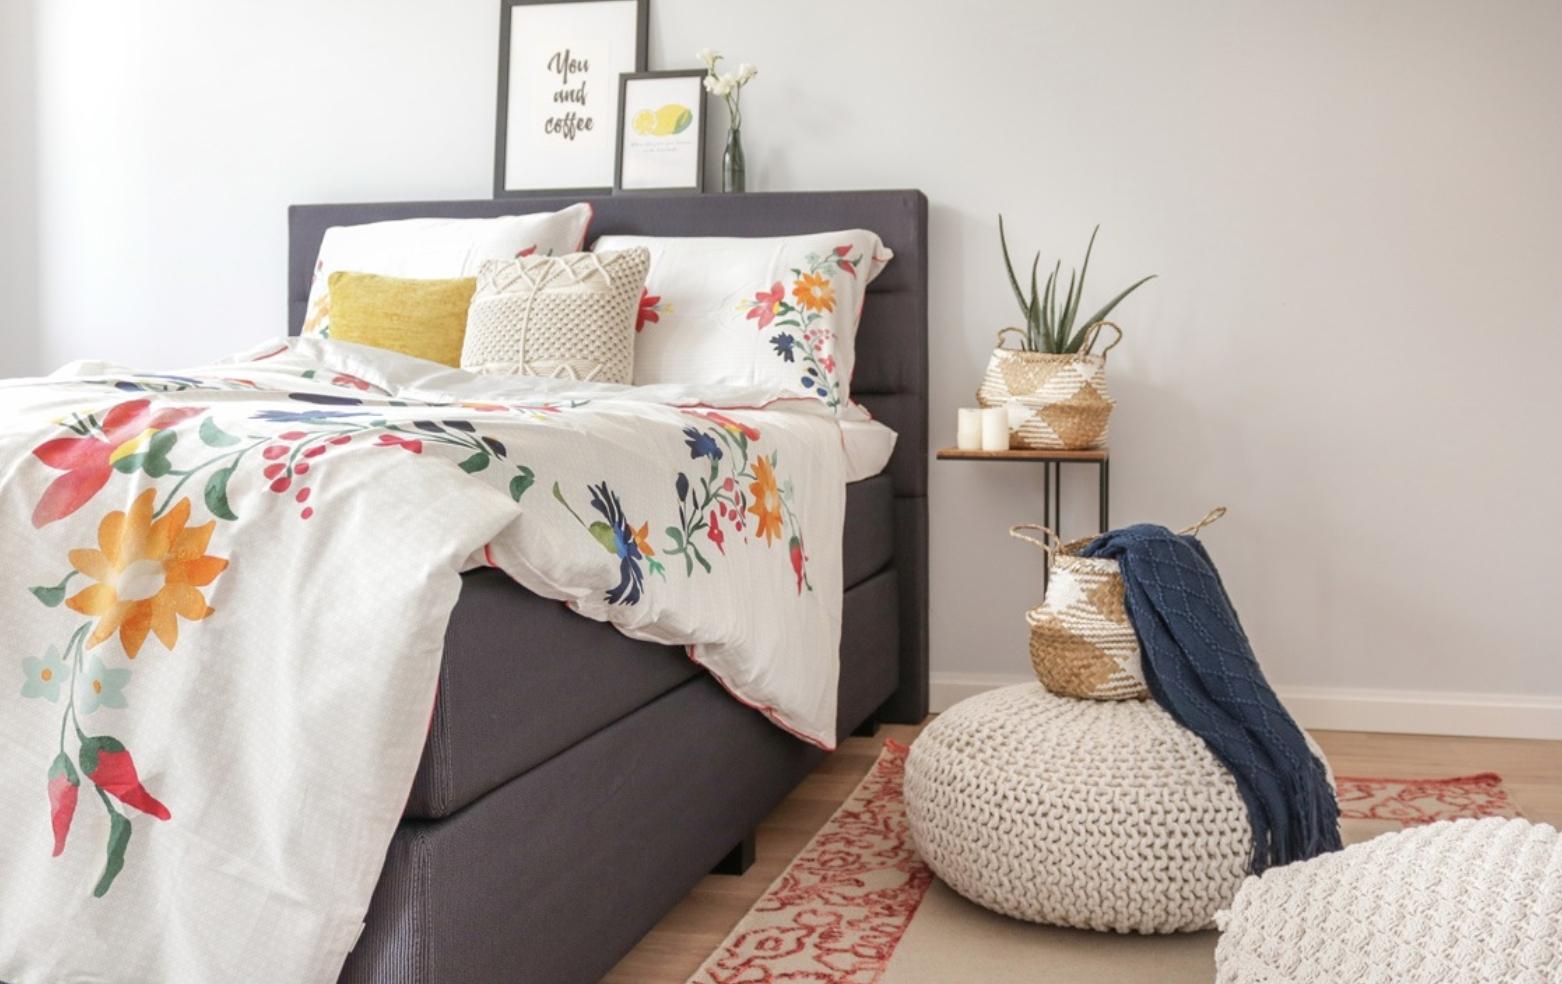 Sommergefühle Im Schlafzimmer #summer #esprithome #couchliebt #dekoidee  #boxspringbett